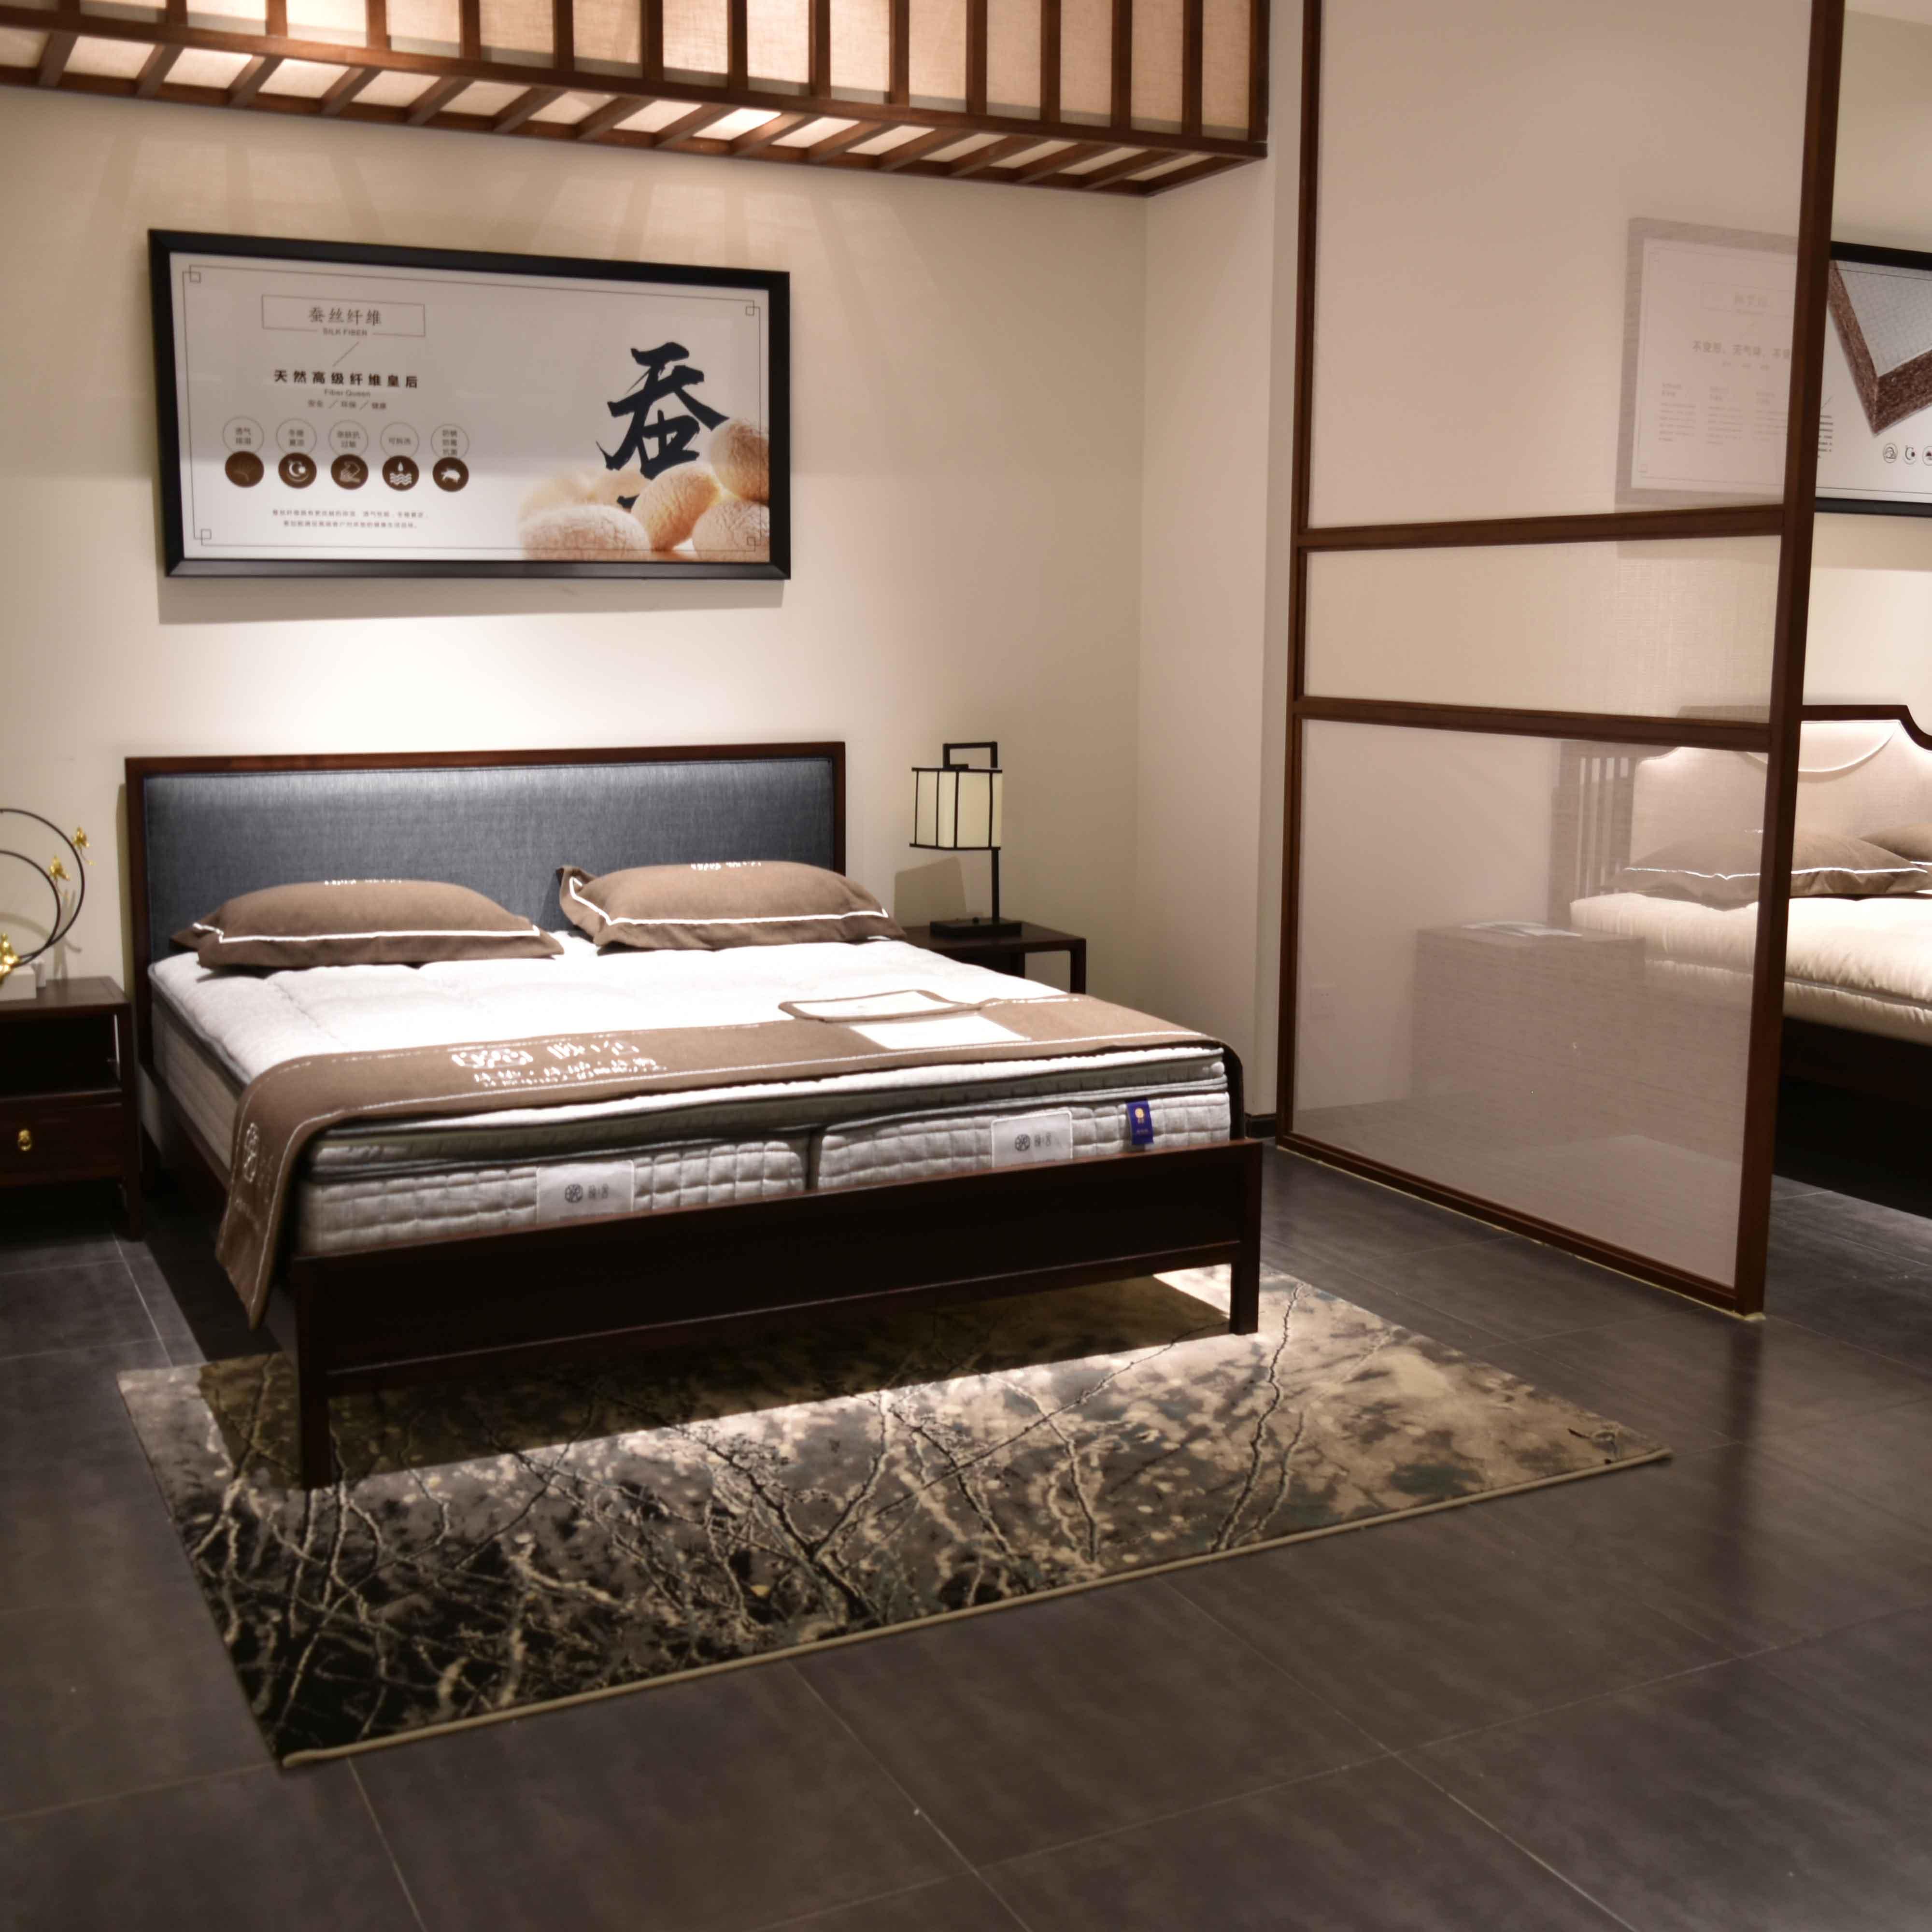 深圳晚舍家具怎么样